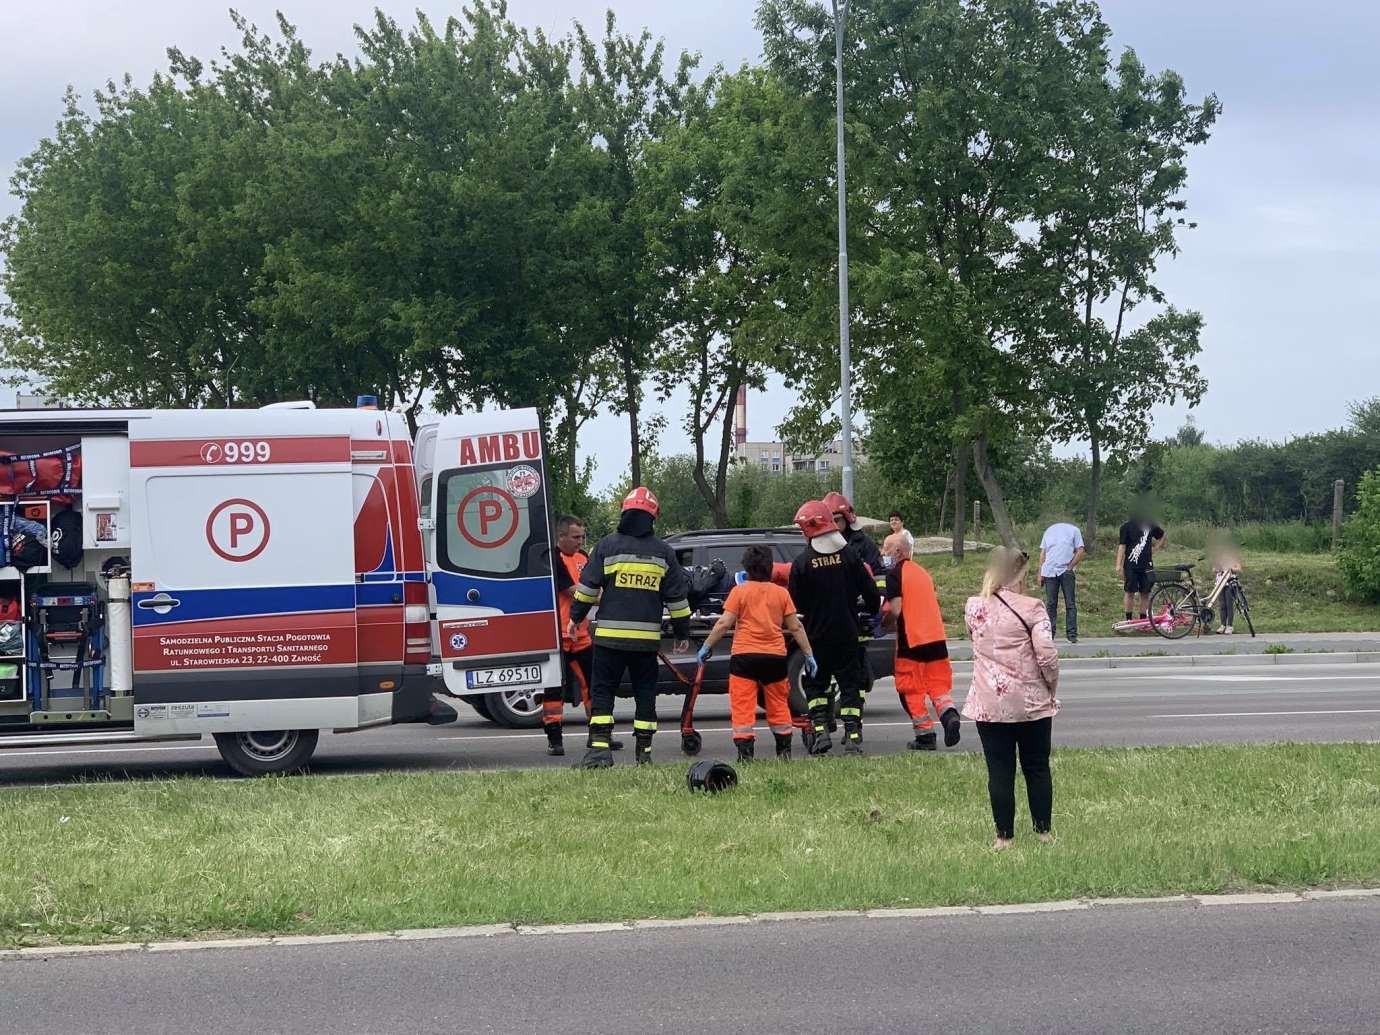 102661807 668075934032279 4066104094369019386 n Ku przestrodze publikujemy nagranie WIDEO z niedzielnego wypadku na Wyszyńskiego. Obejrzyjcie jako przestrogę.